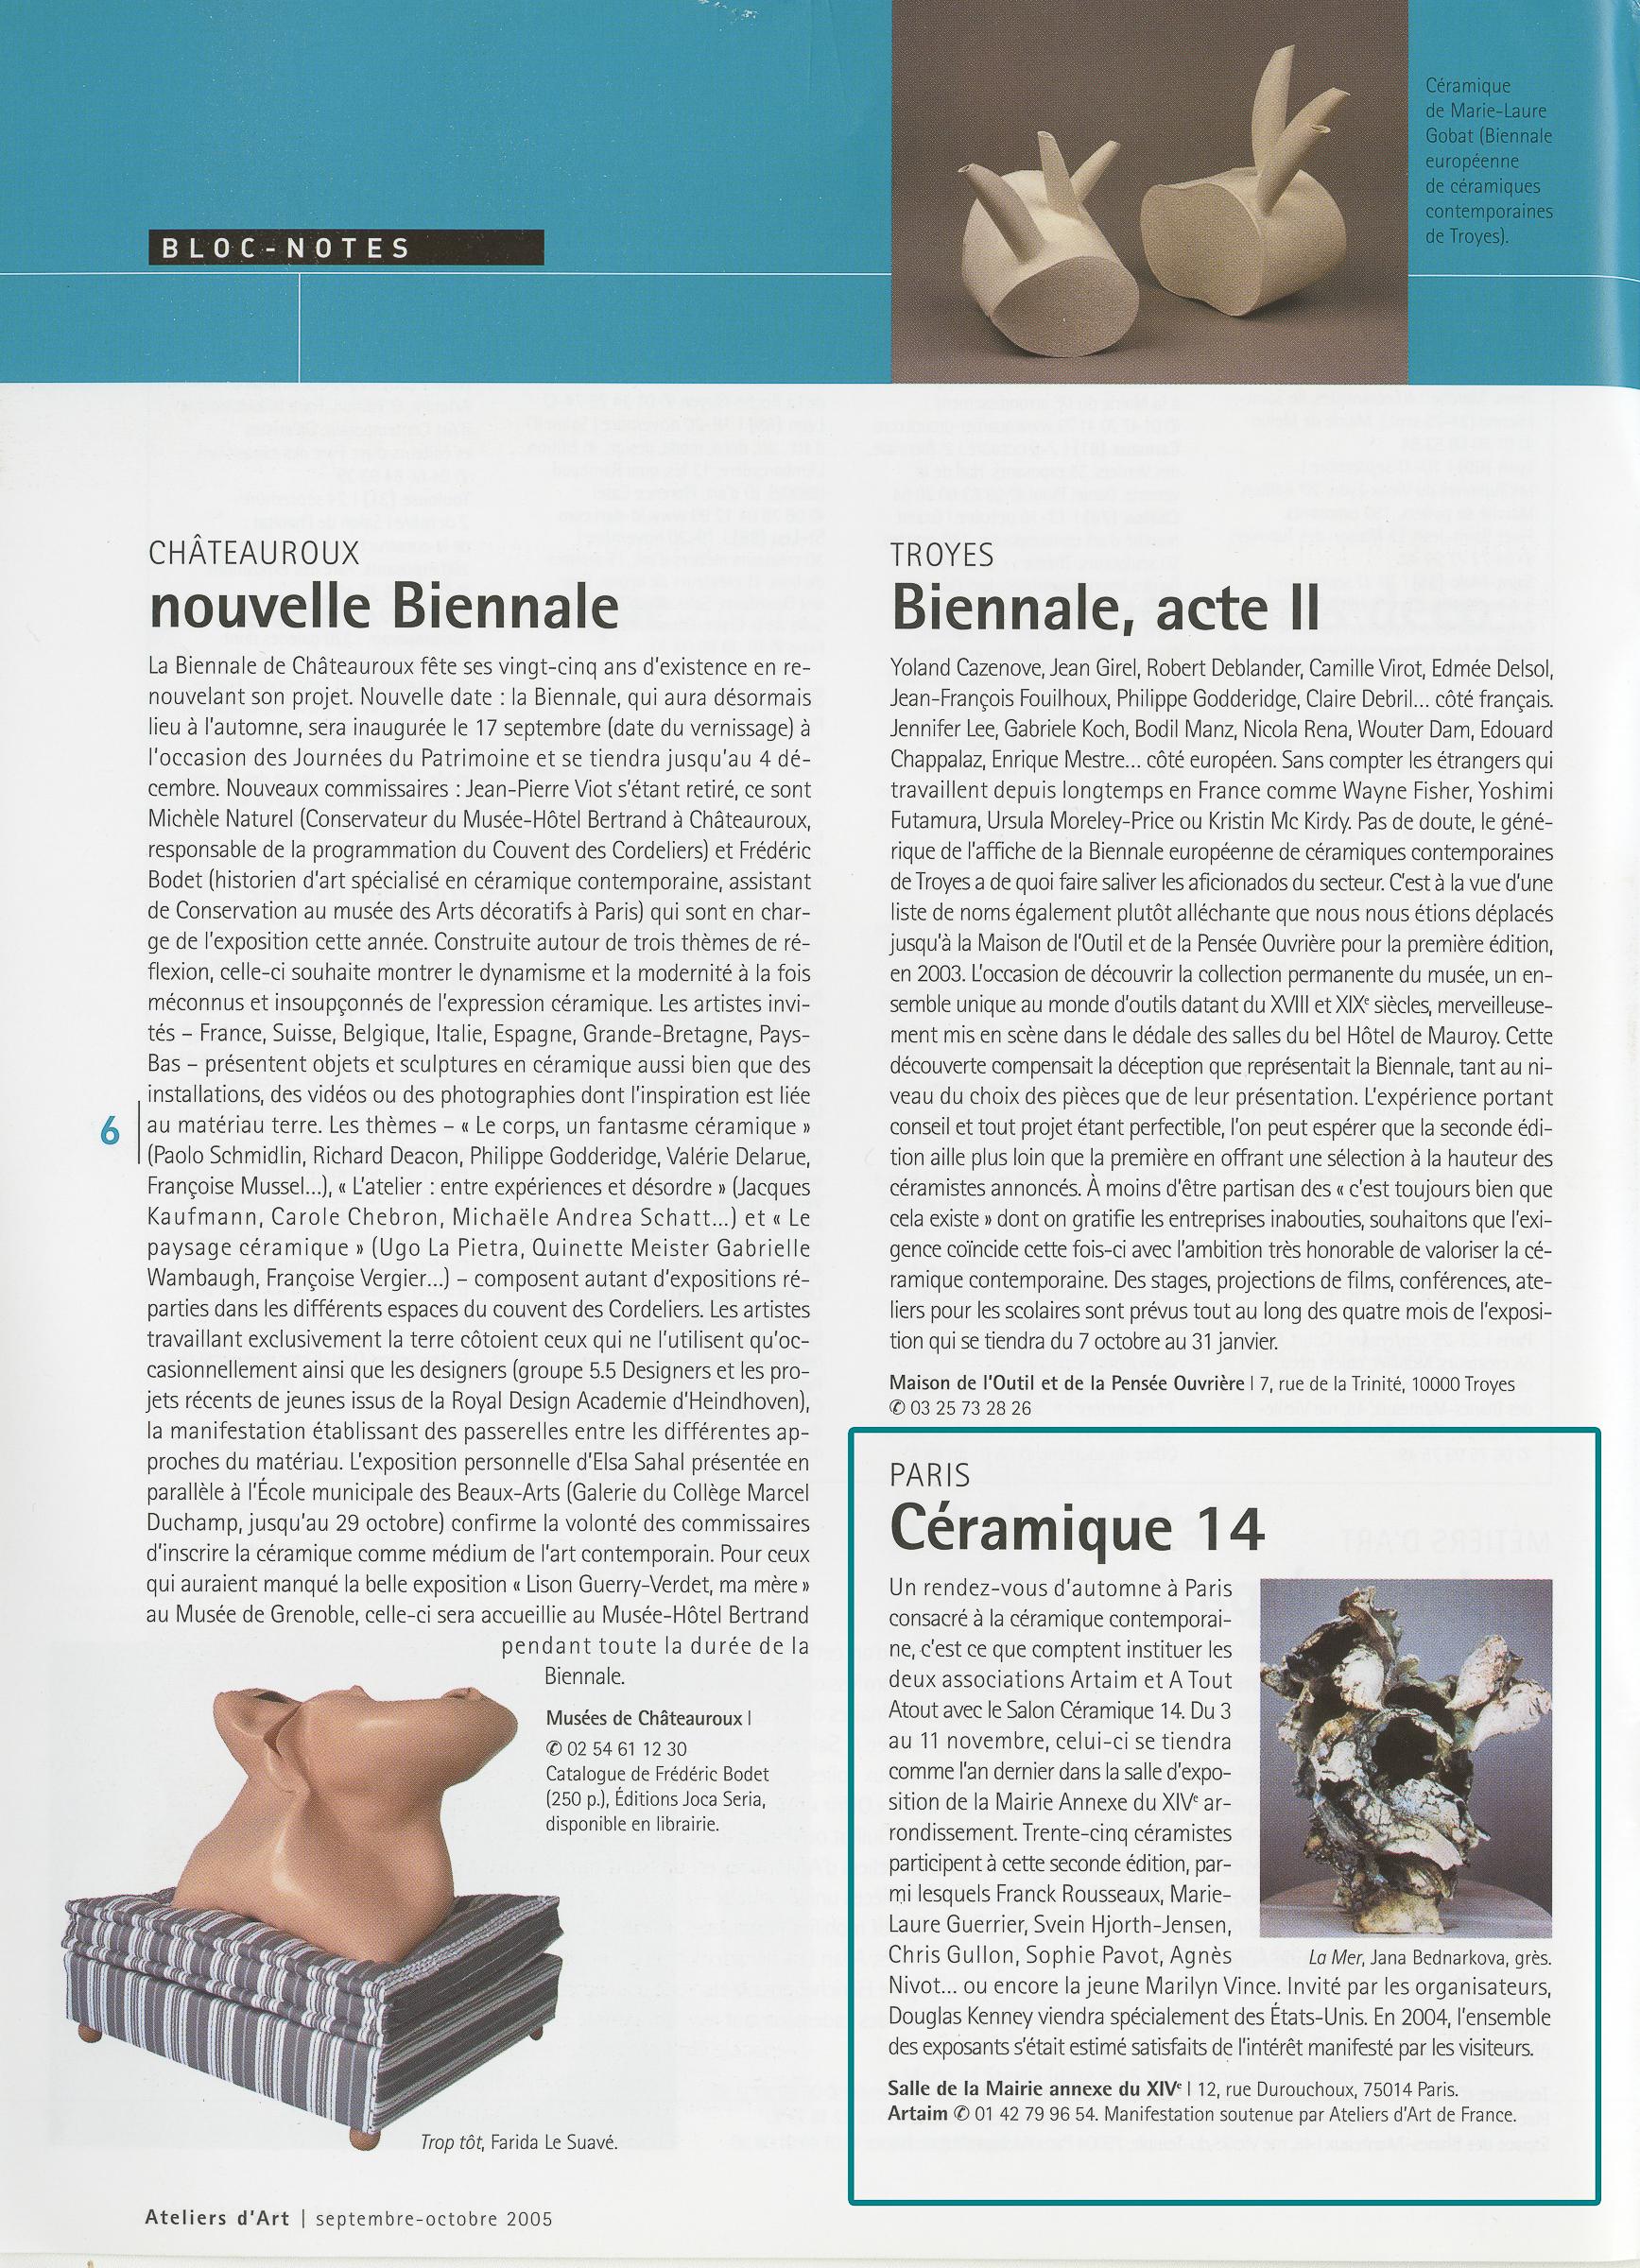 ceramique 14 press-6.jpg